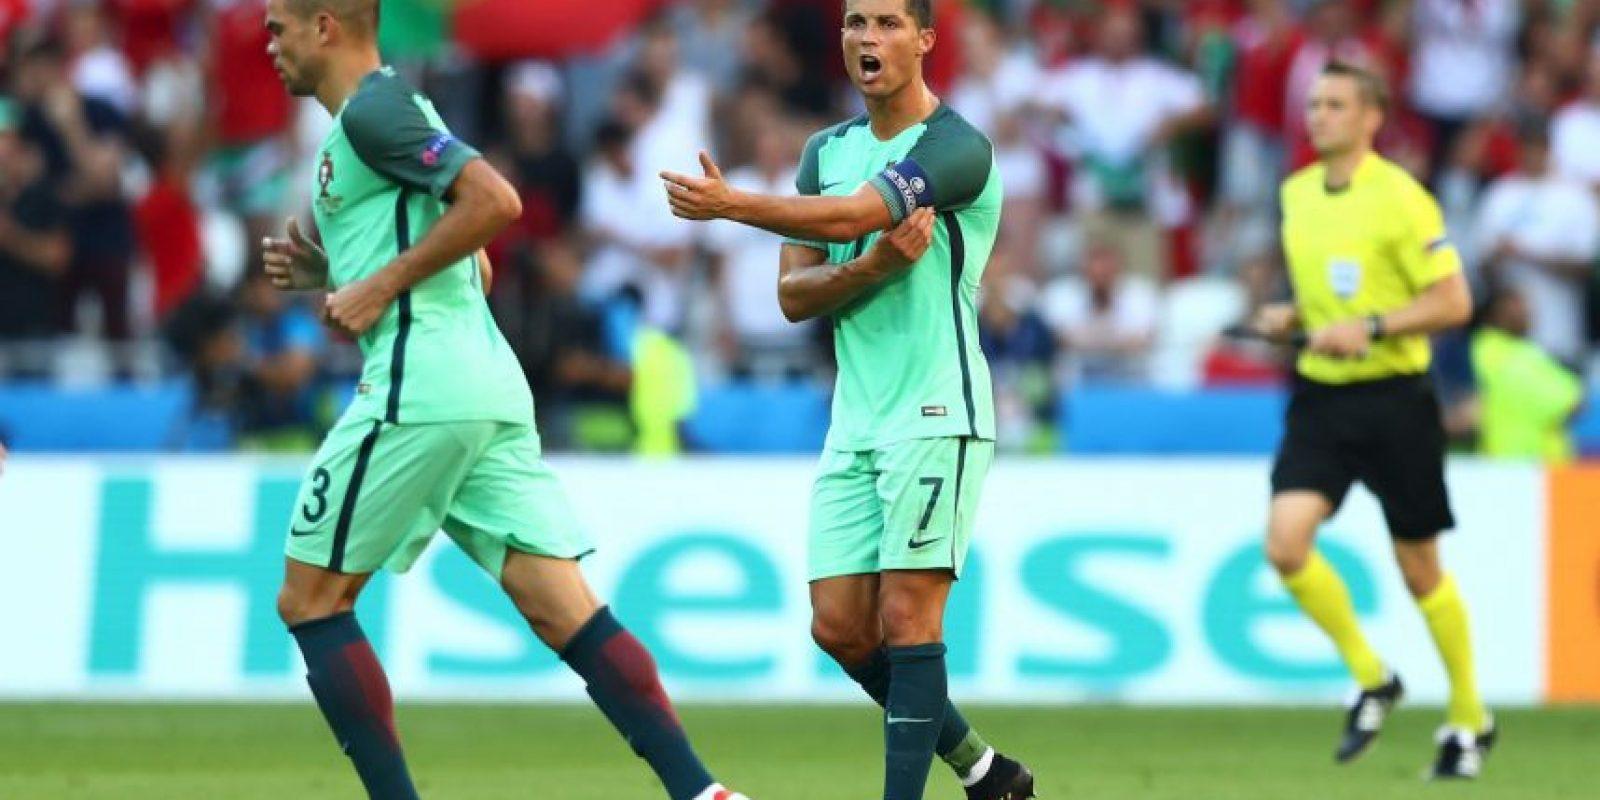 Además, alcanzó 17 actuaciones en la Eurocopa y superó las 16 de Thuram y Van Der Sar Foto:Getty Images